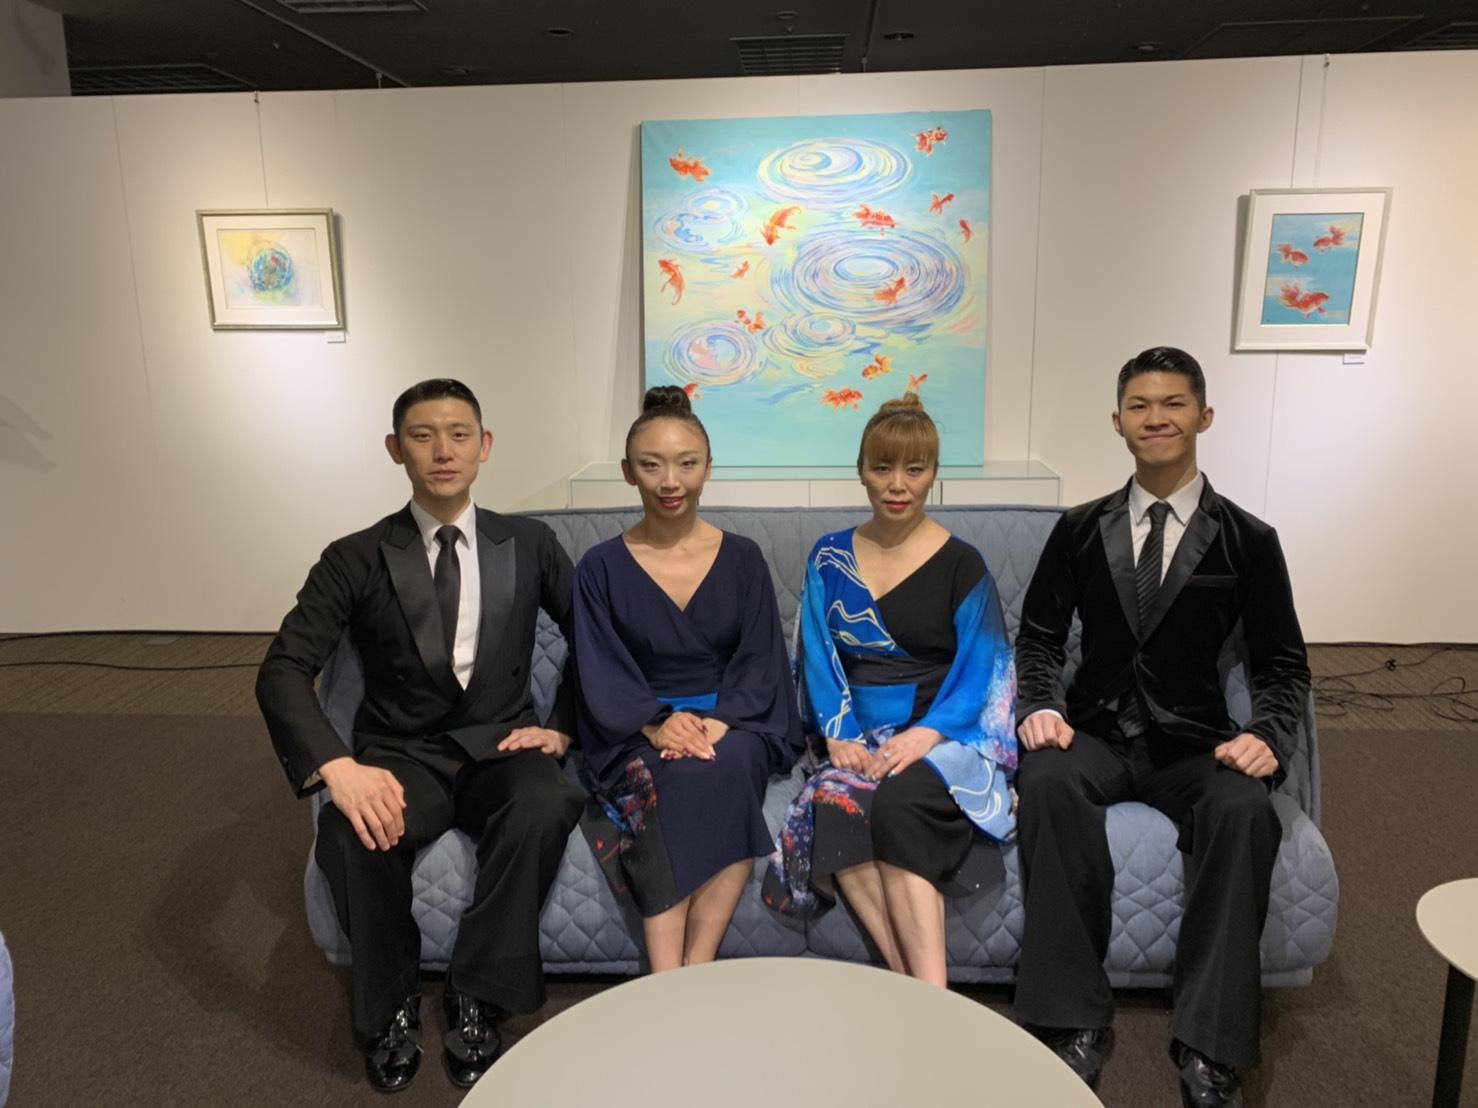 匠大塚|絵画|春日部|ダンス|ファッションショー